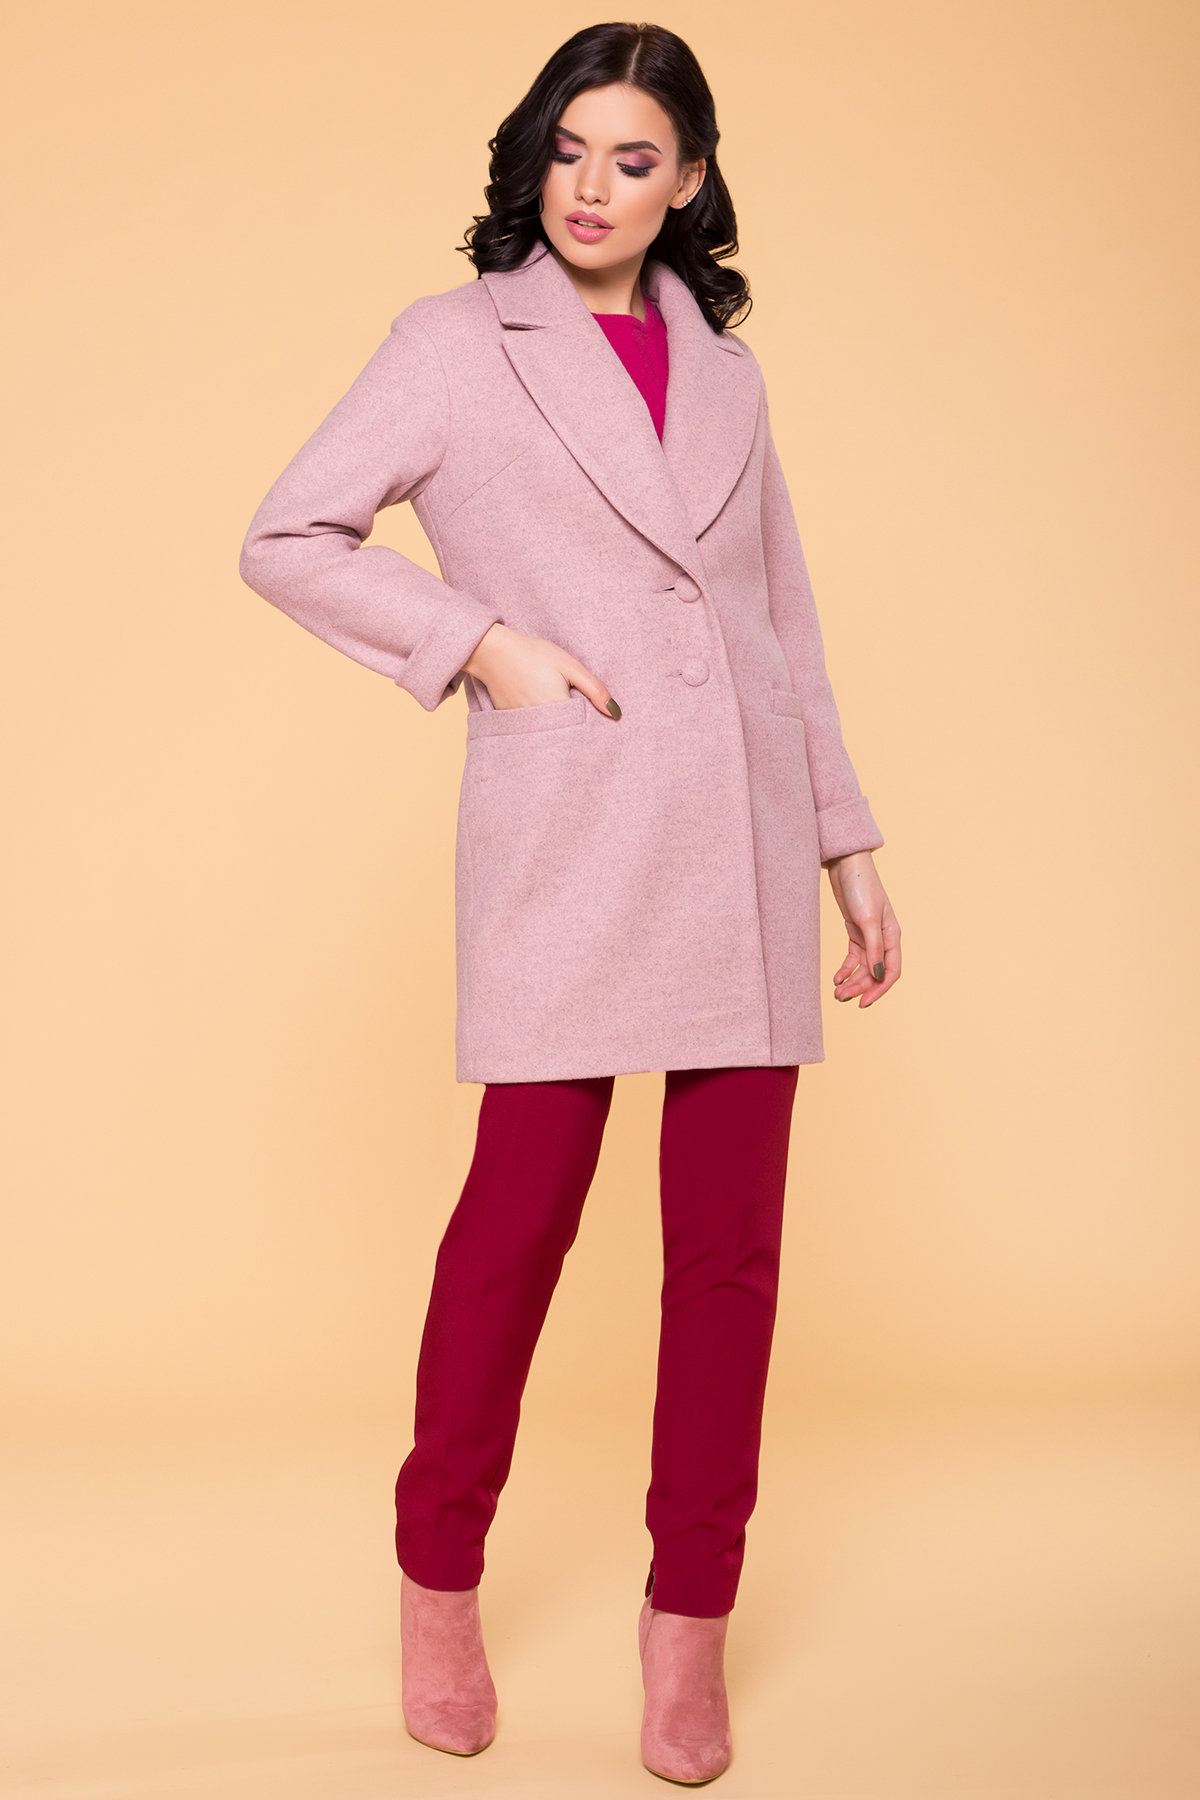 b3124daaa5c Купить пальто демисезонное